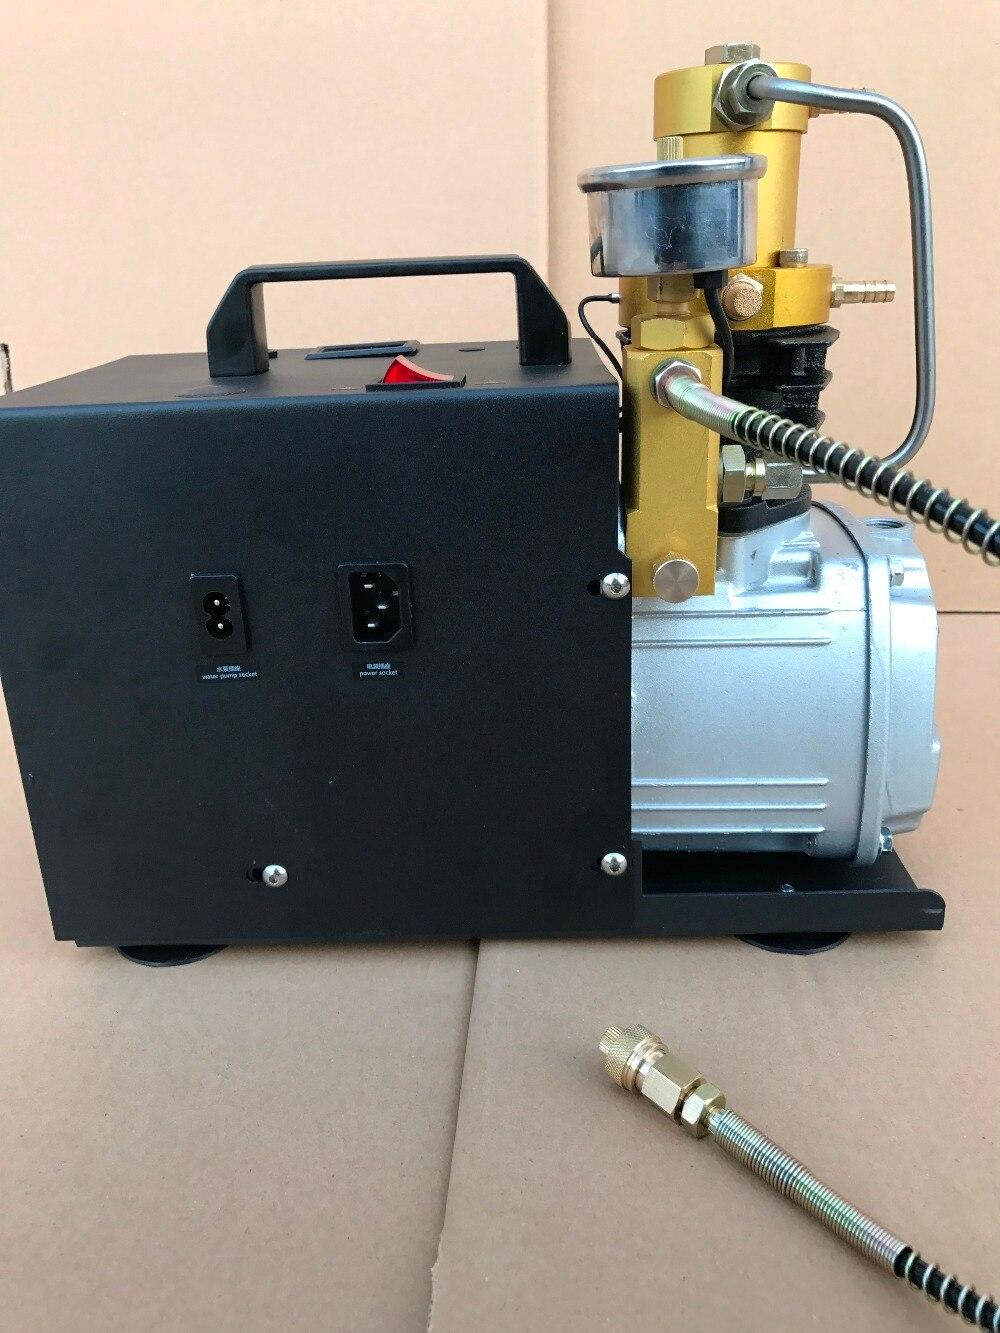 4500 фунтов/кв. дюйм pcp Электрический компрессор Регулируемый упор для Пейнтбол воздуха пистолет 300Bar 220V 110V